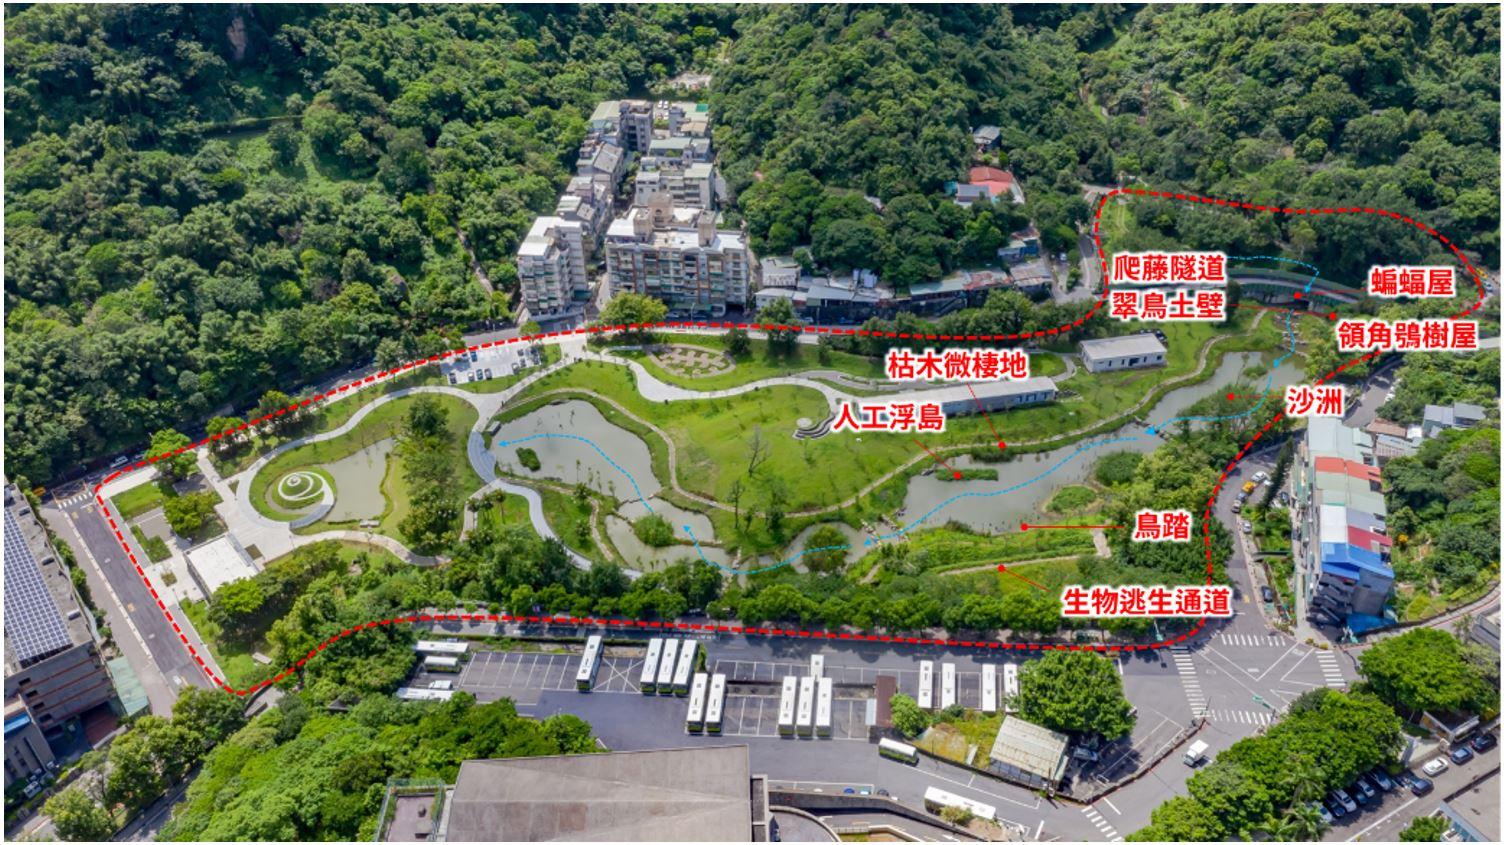 12.生態棲地營造位置圖